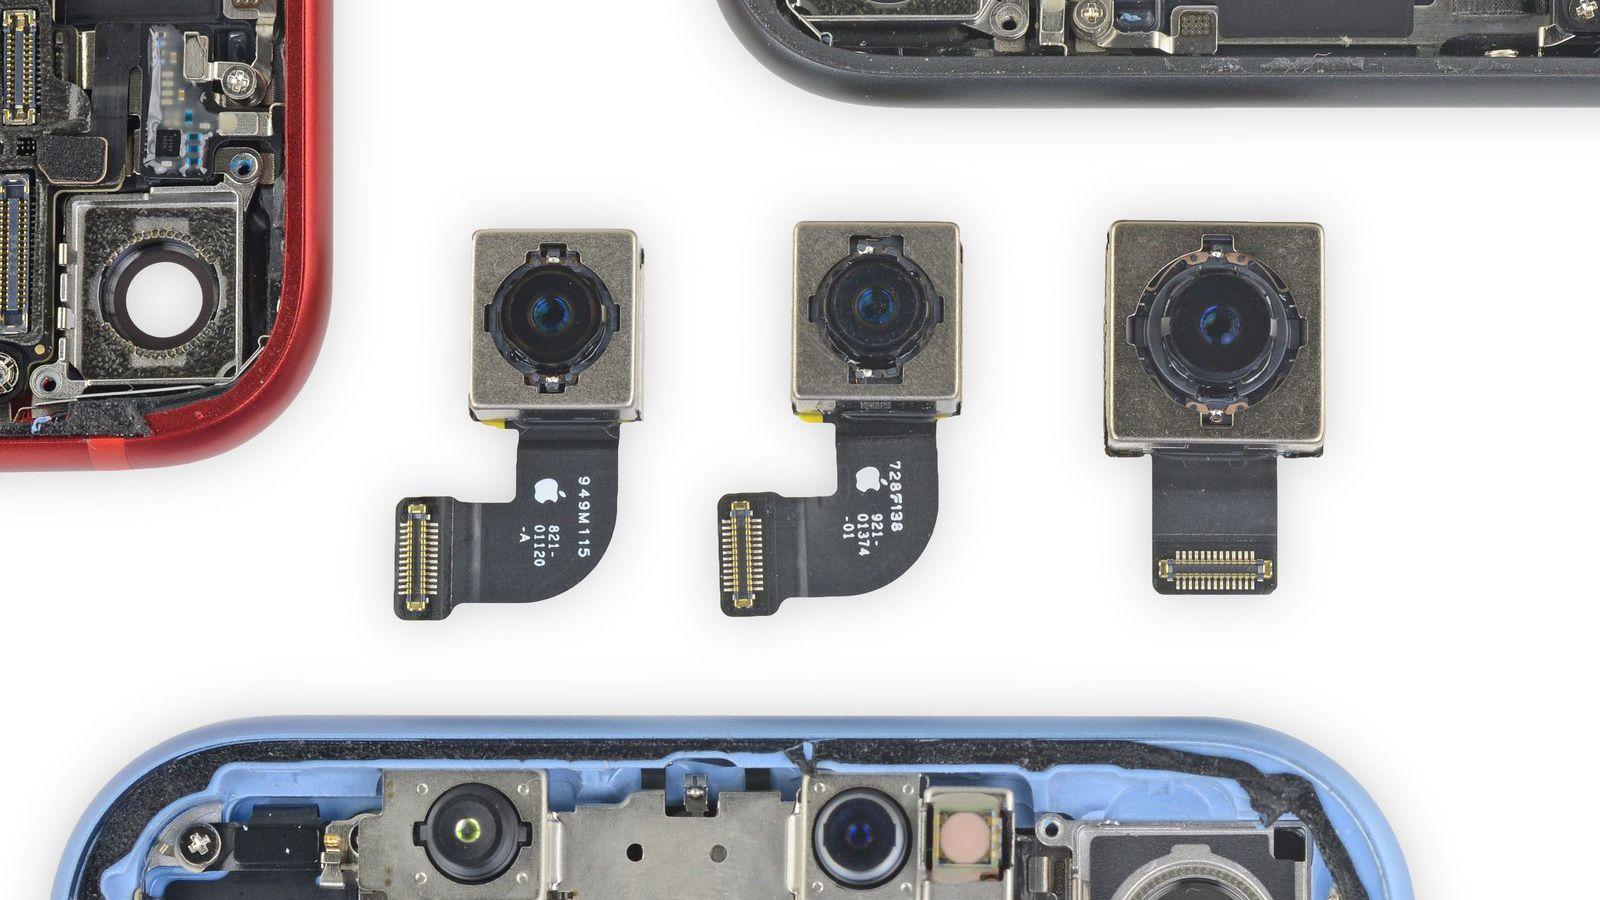 Kamerasensoren i iPhone SE virker å være den samme som i iPhone 8. iPhone XR-sensoren (til høyre) var betydelig større.